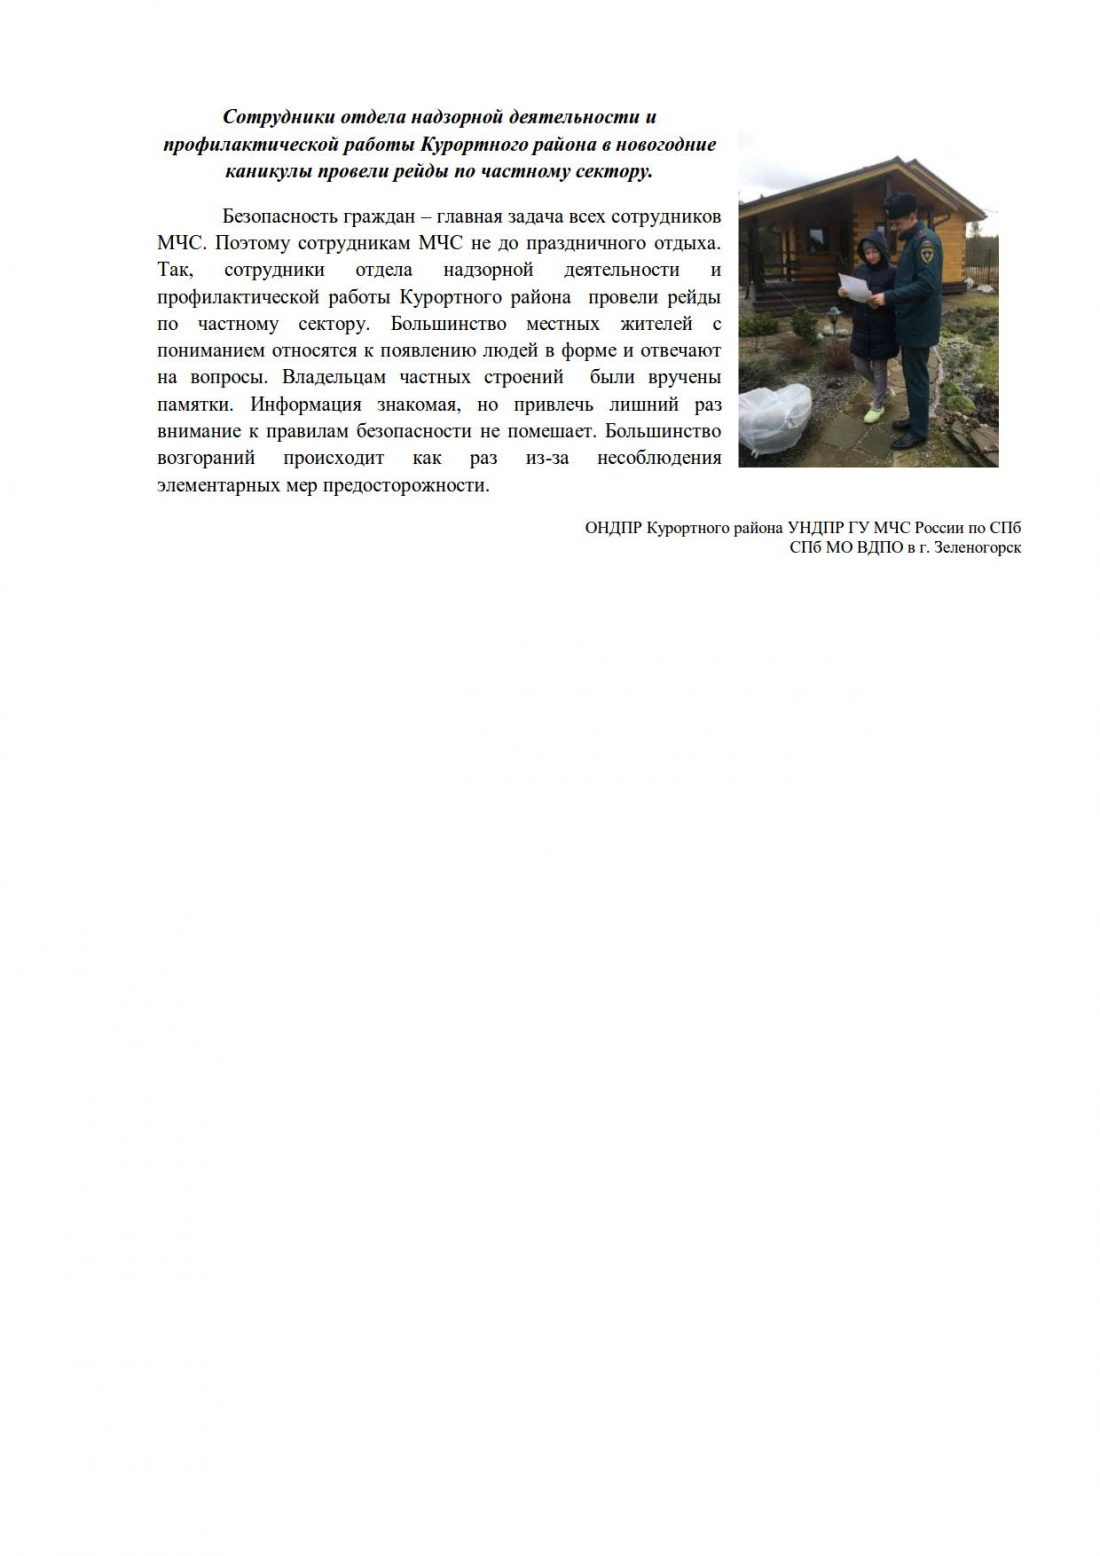 Сотрудники ОНДПР Курортного района в новогодние каникулы провели рейды по частному сектору_1